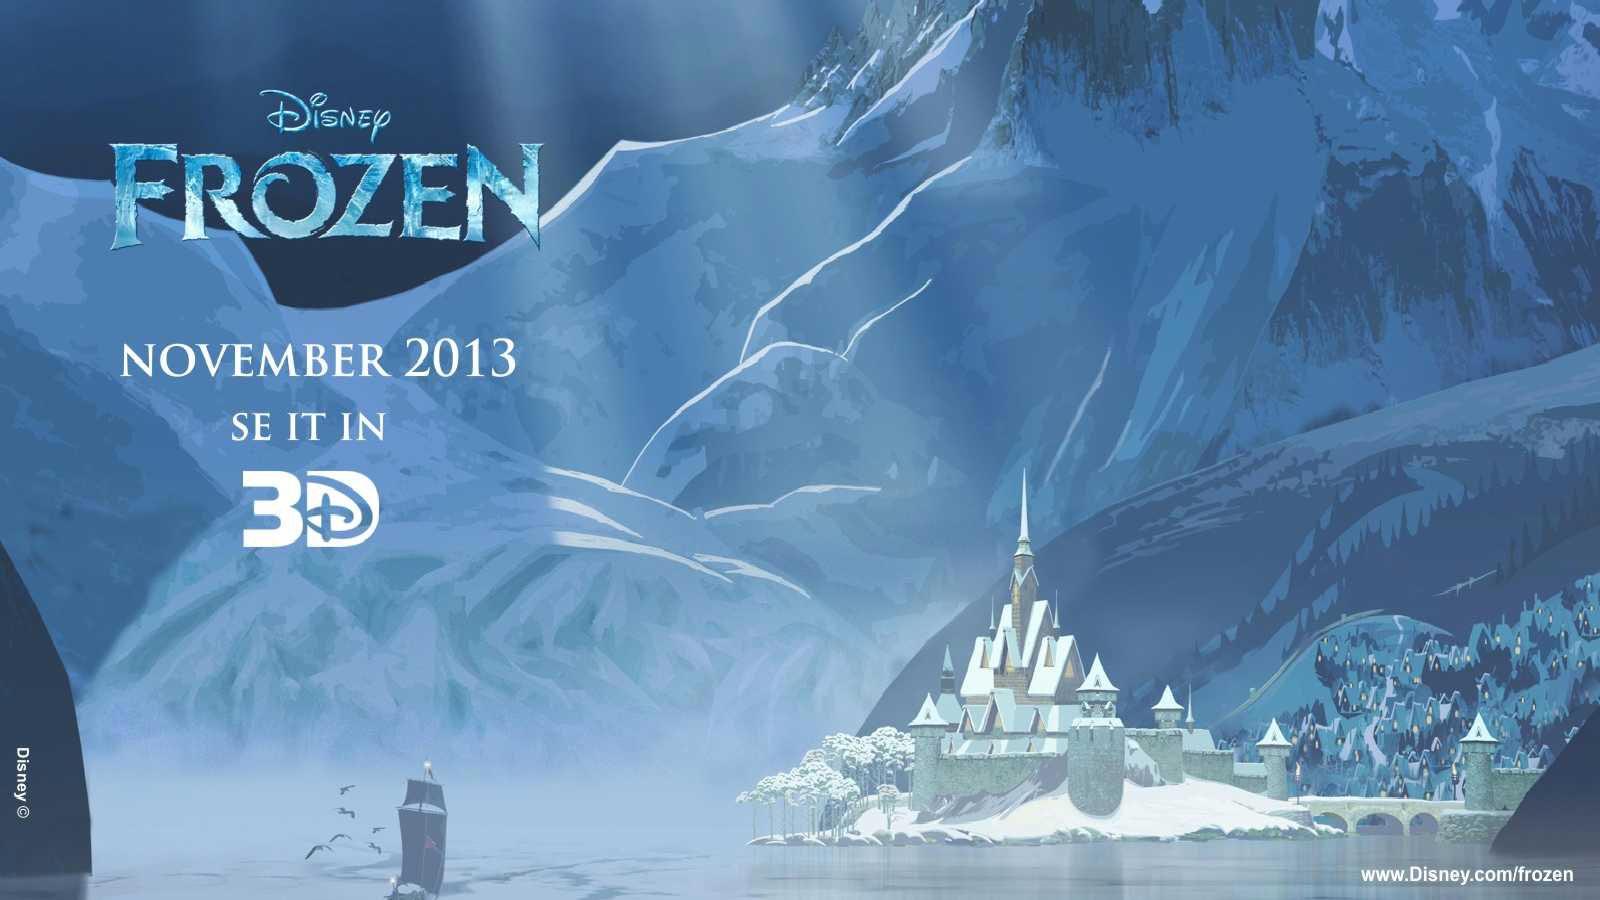 Wallpapers Desktop Backgrounds HD Frozen Movie Wallpapers 1600x900